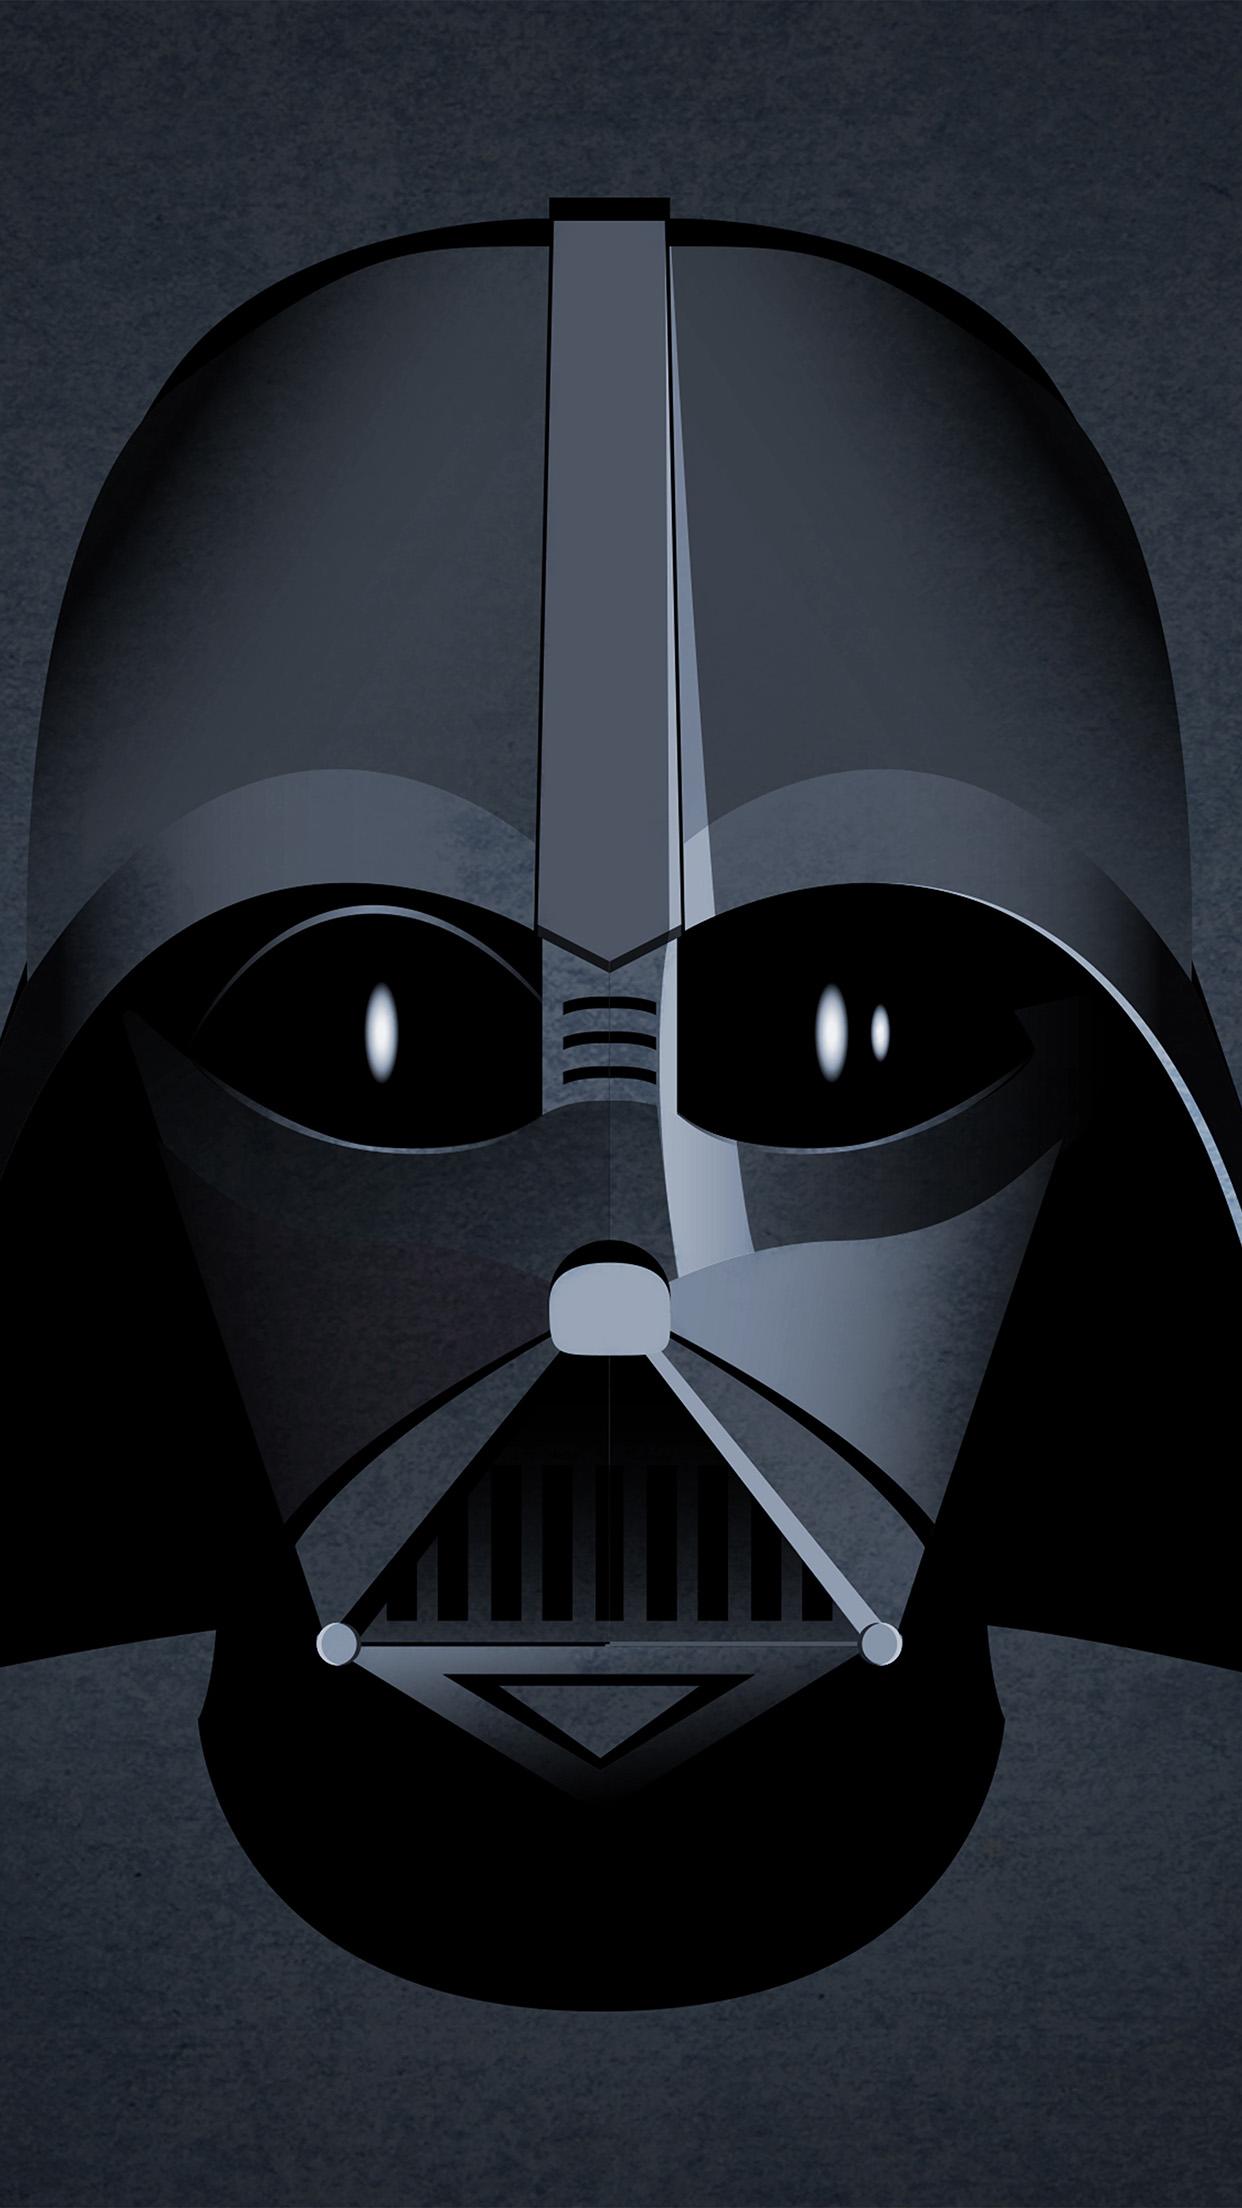 Au27 Starwars Darth Vader Face Dark Illustration Art Hero Wallpaper